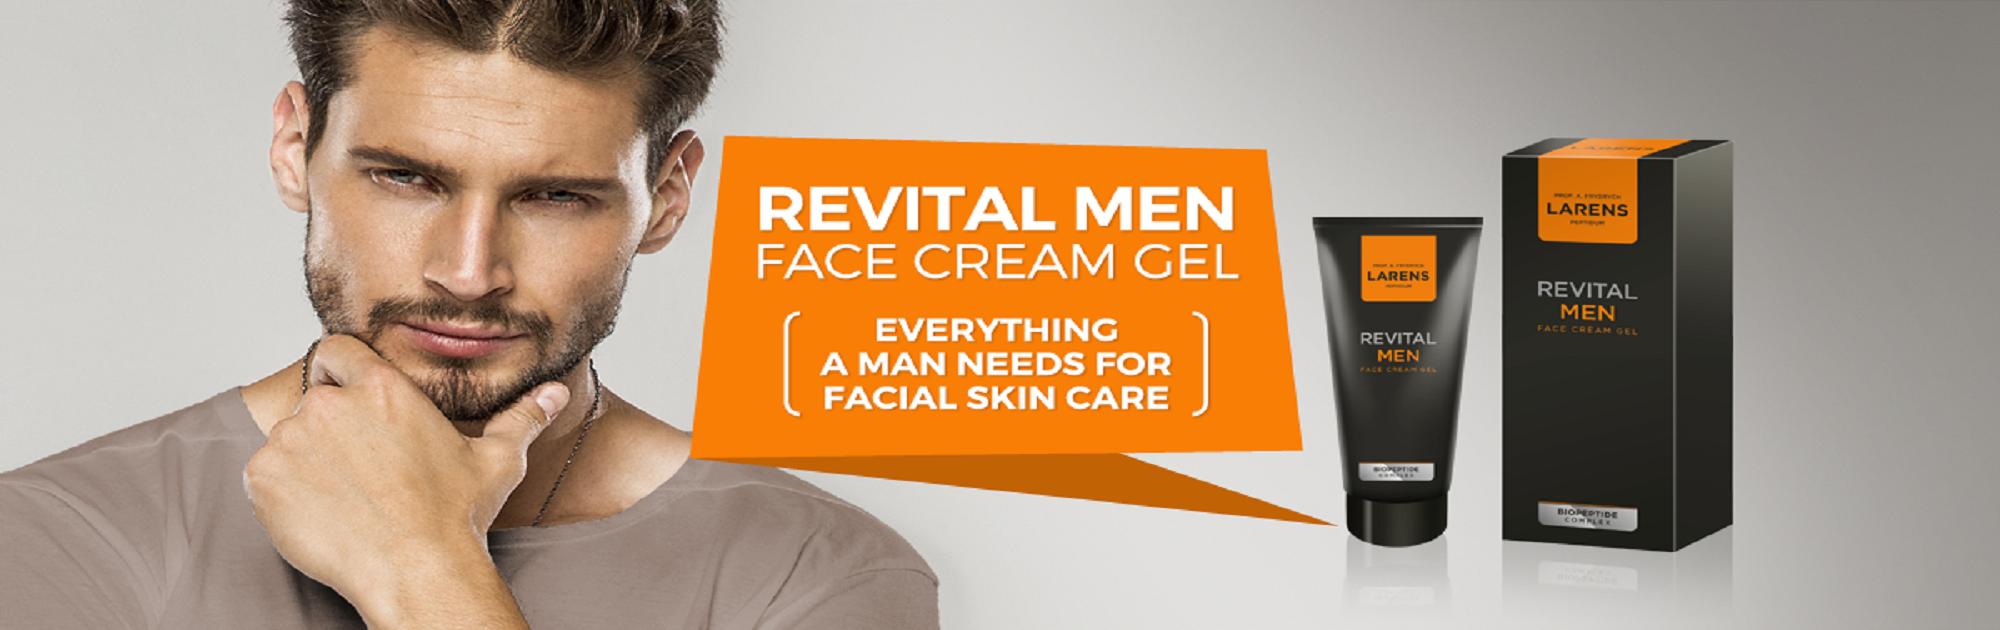 revital men face cream